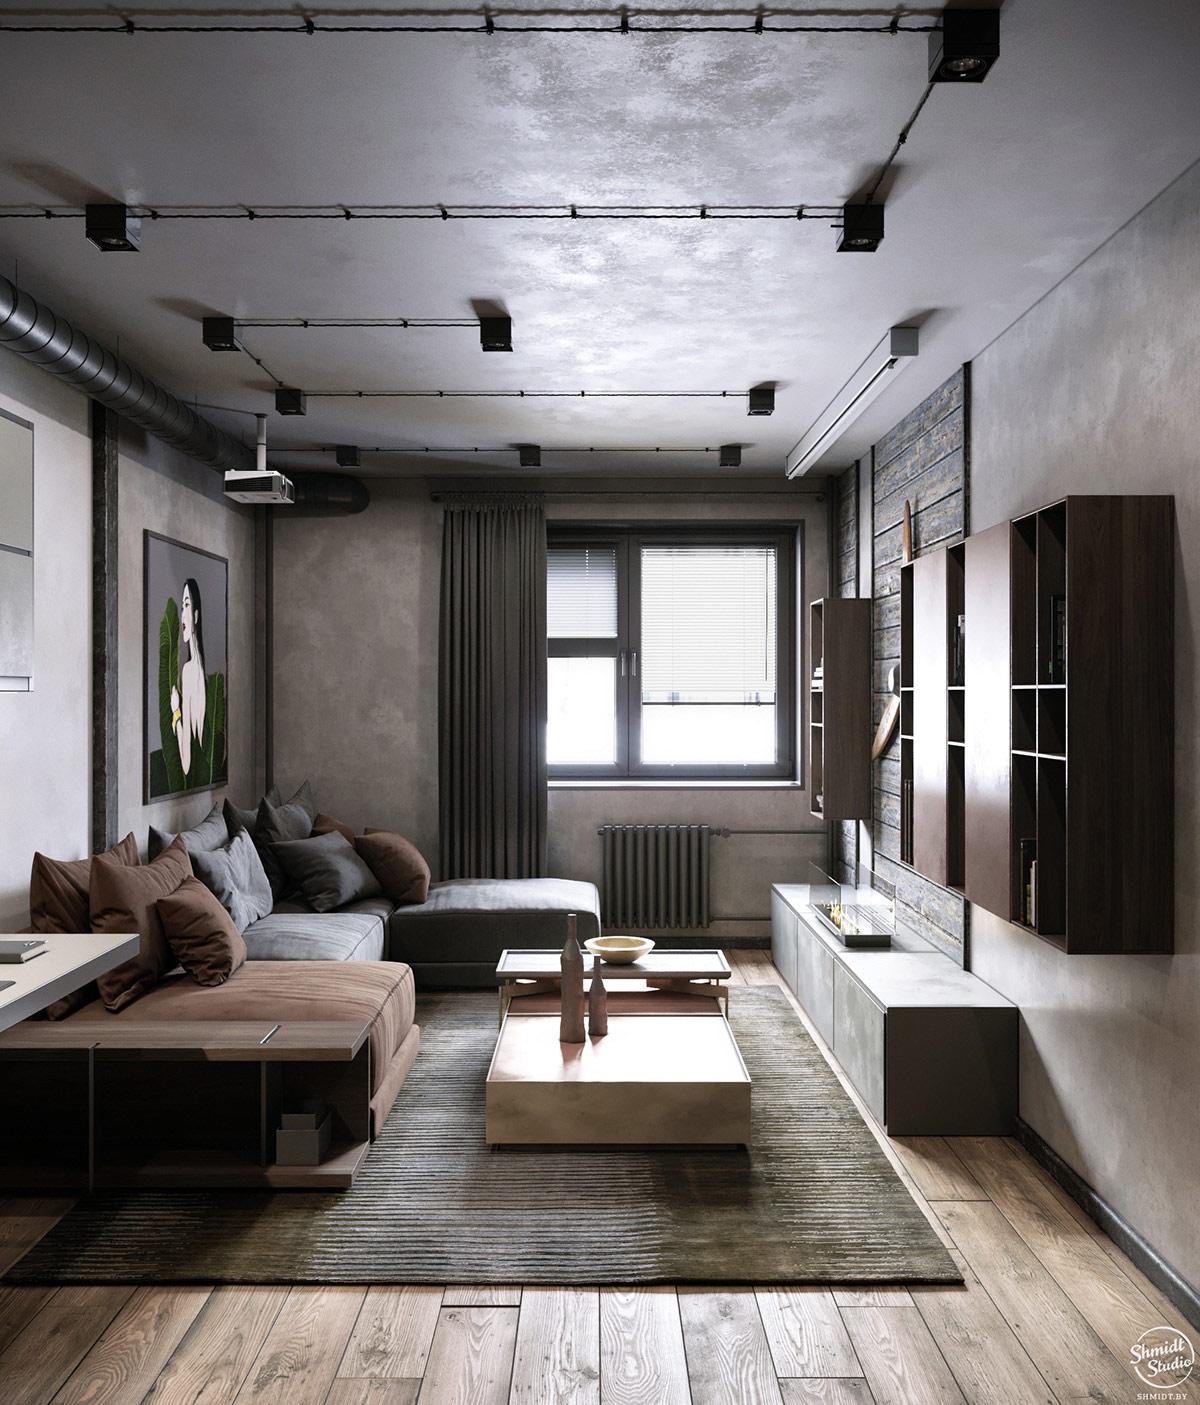 Rustic Interior Design Examples